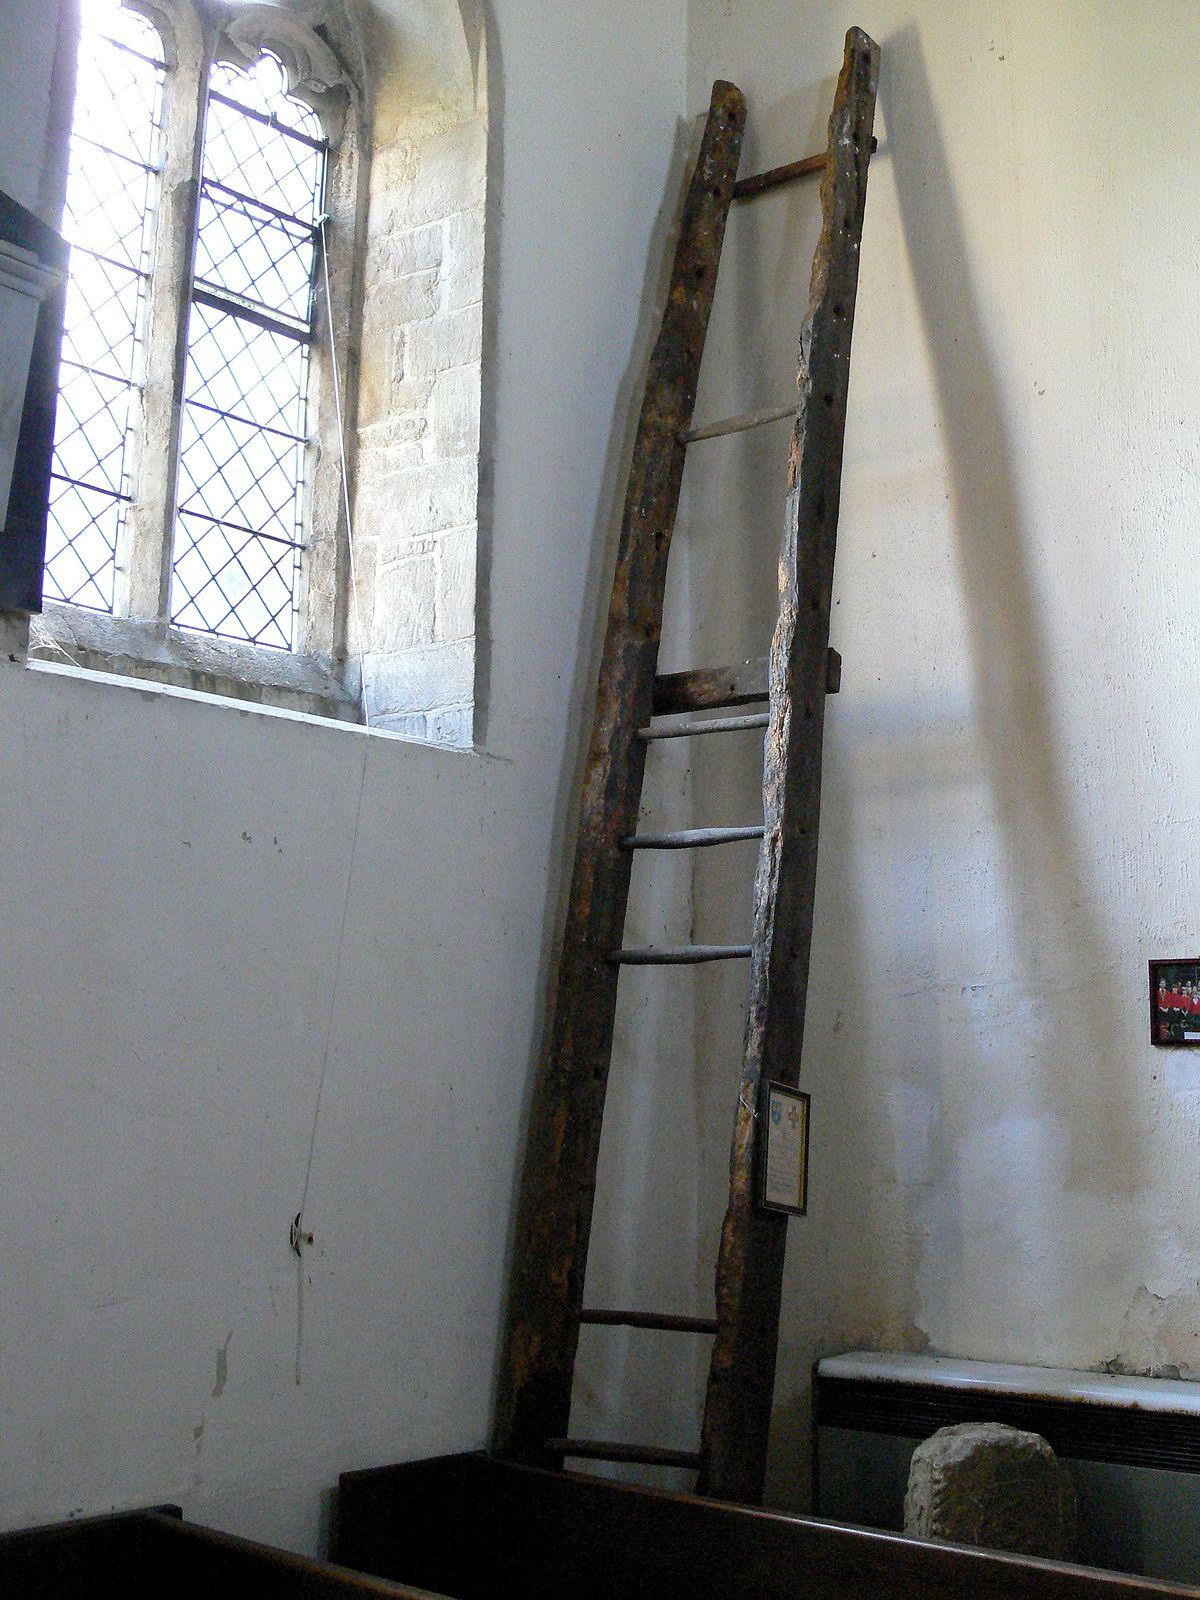 Escalera de mano wikipedia la enciclopedia libre for Escalera madera portatil